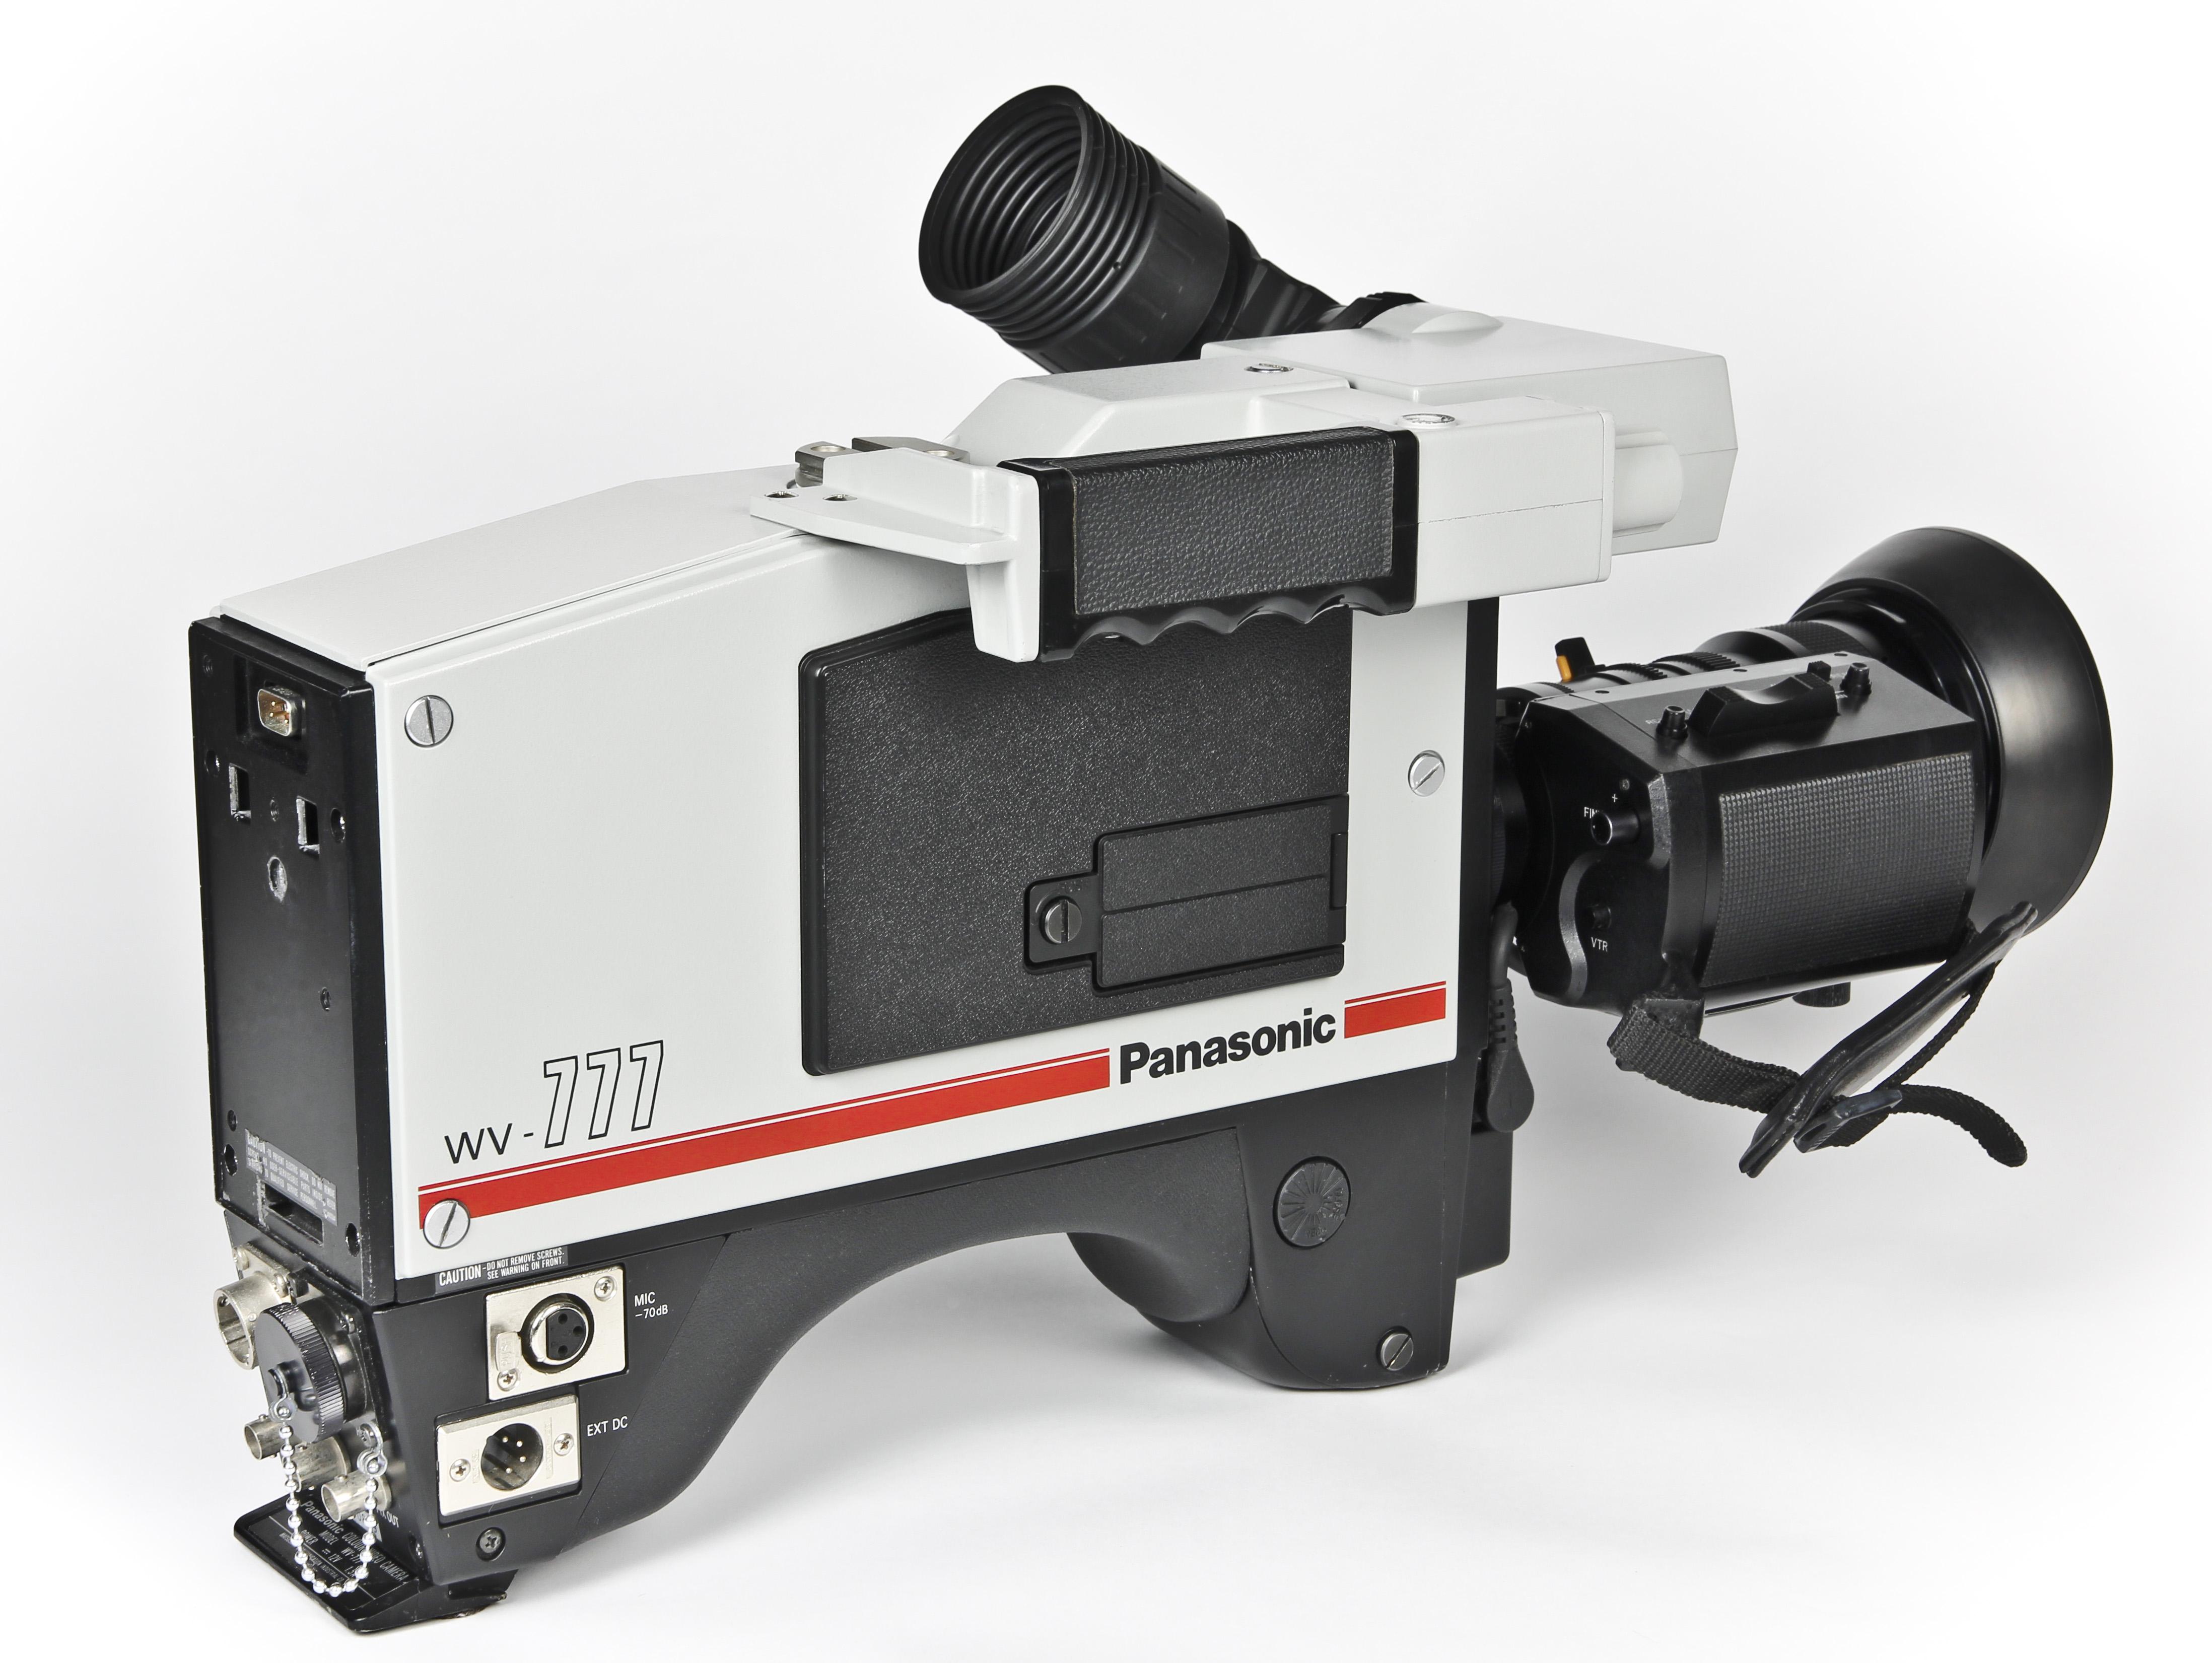 Panasonic WVP-777 -  (5 von 13)